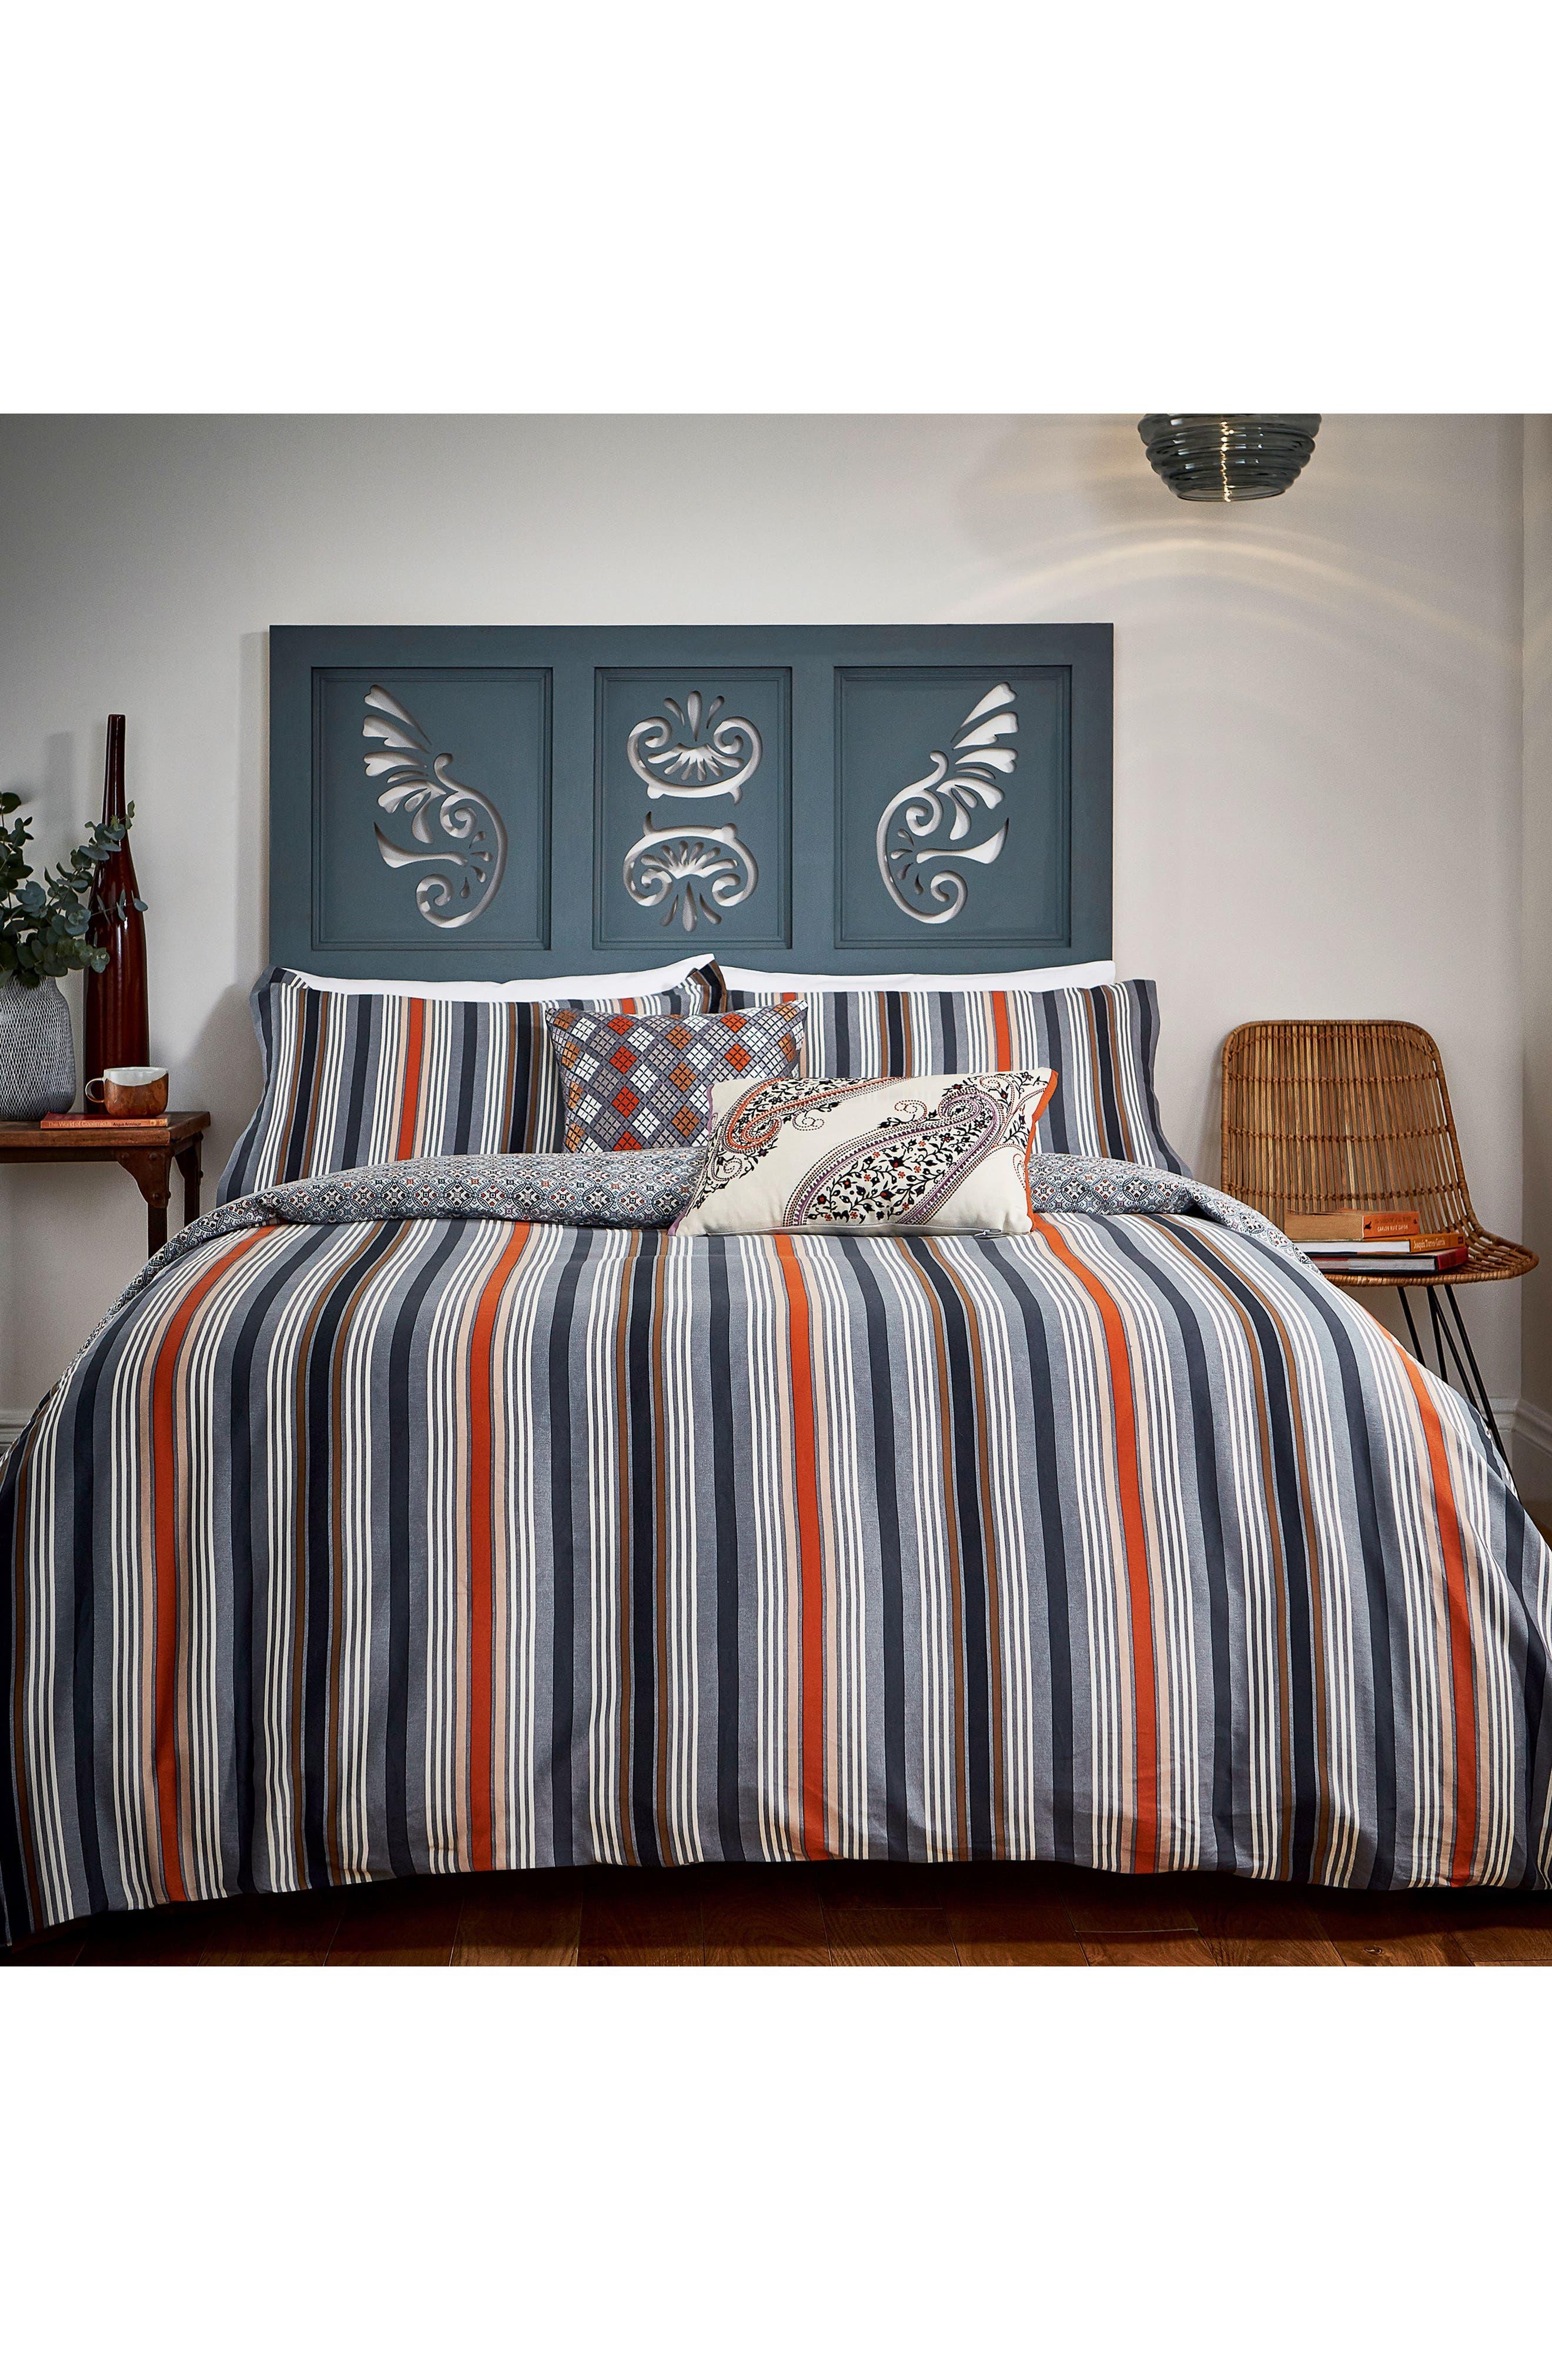 Alba Duvet Cover, Sham & Accent Pillow Set,                             Main thumbnail 1, color,                             Blue